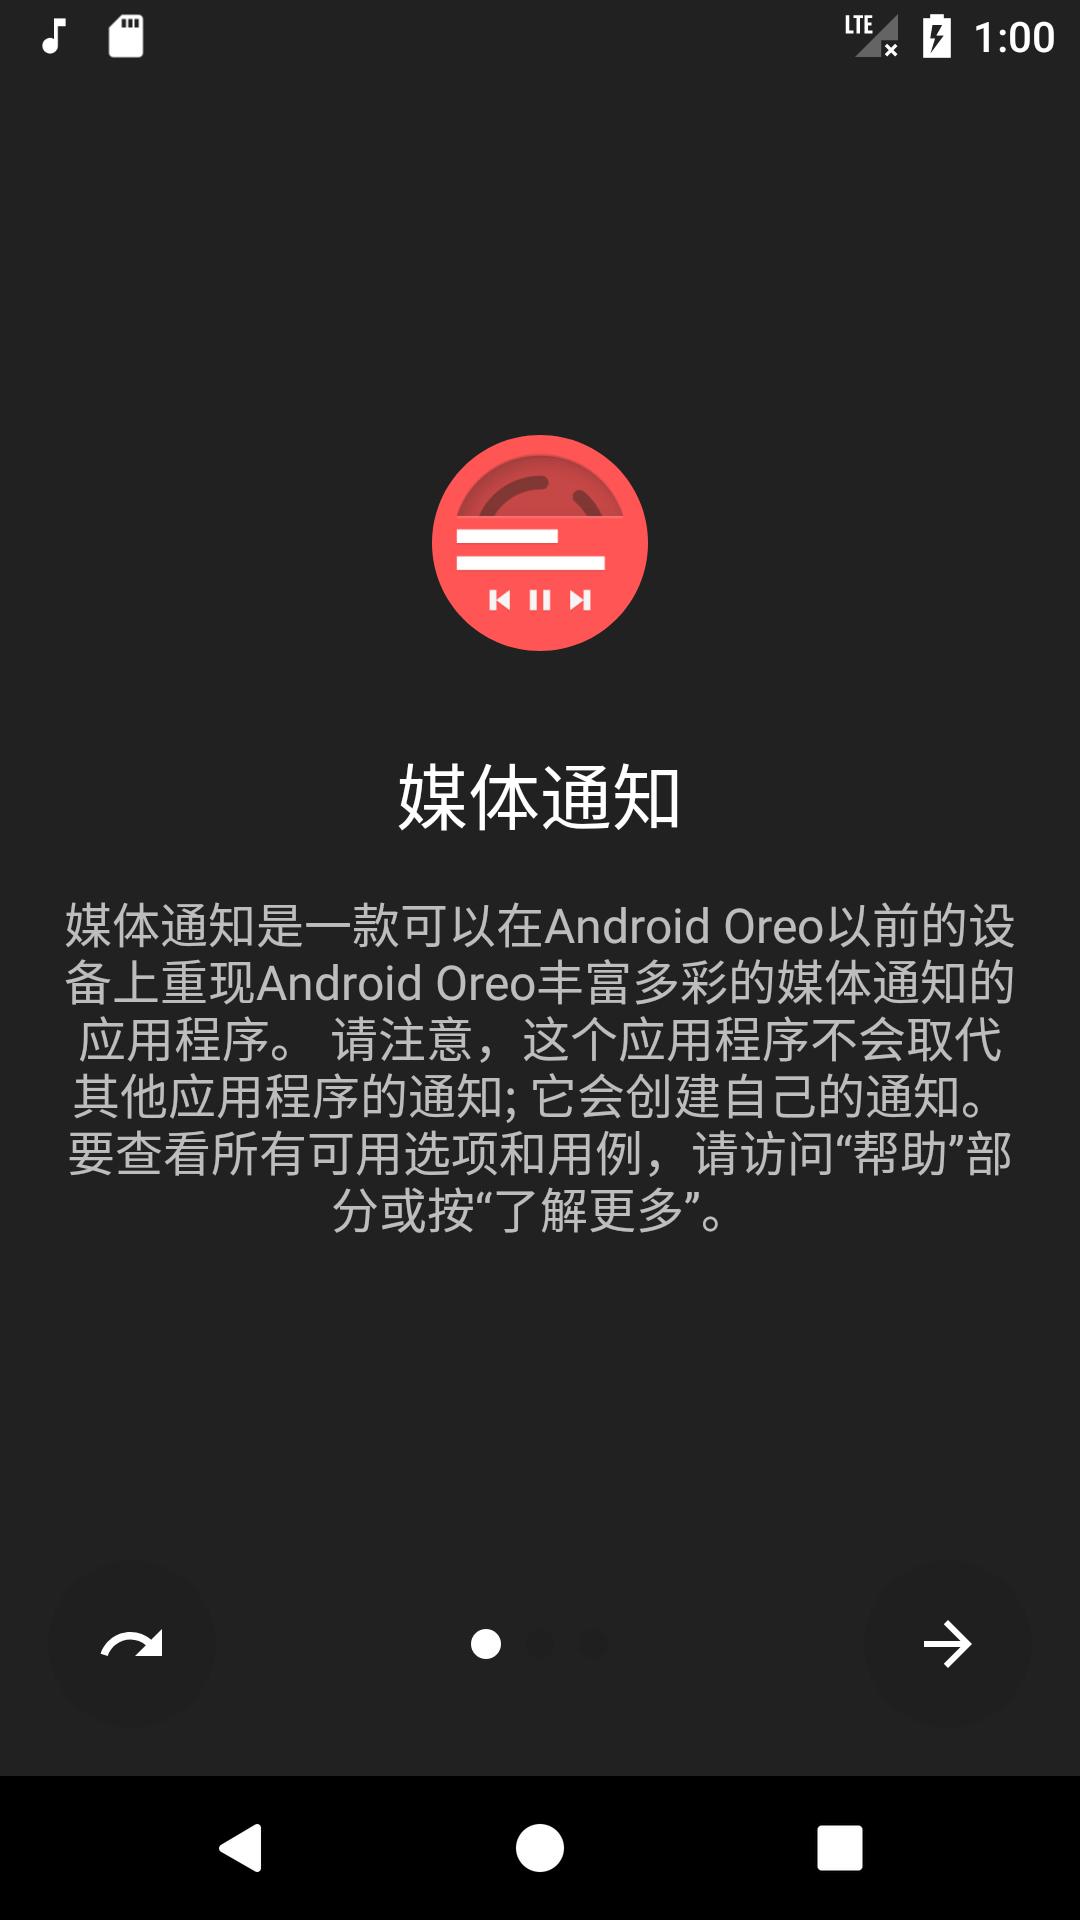 【分享】Android O样式音乐状态栏 v1.0-22-gaa